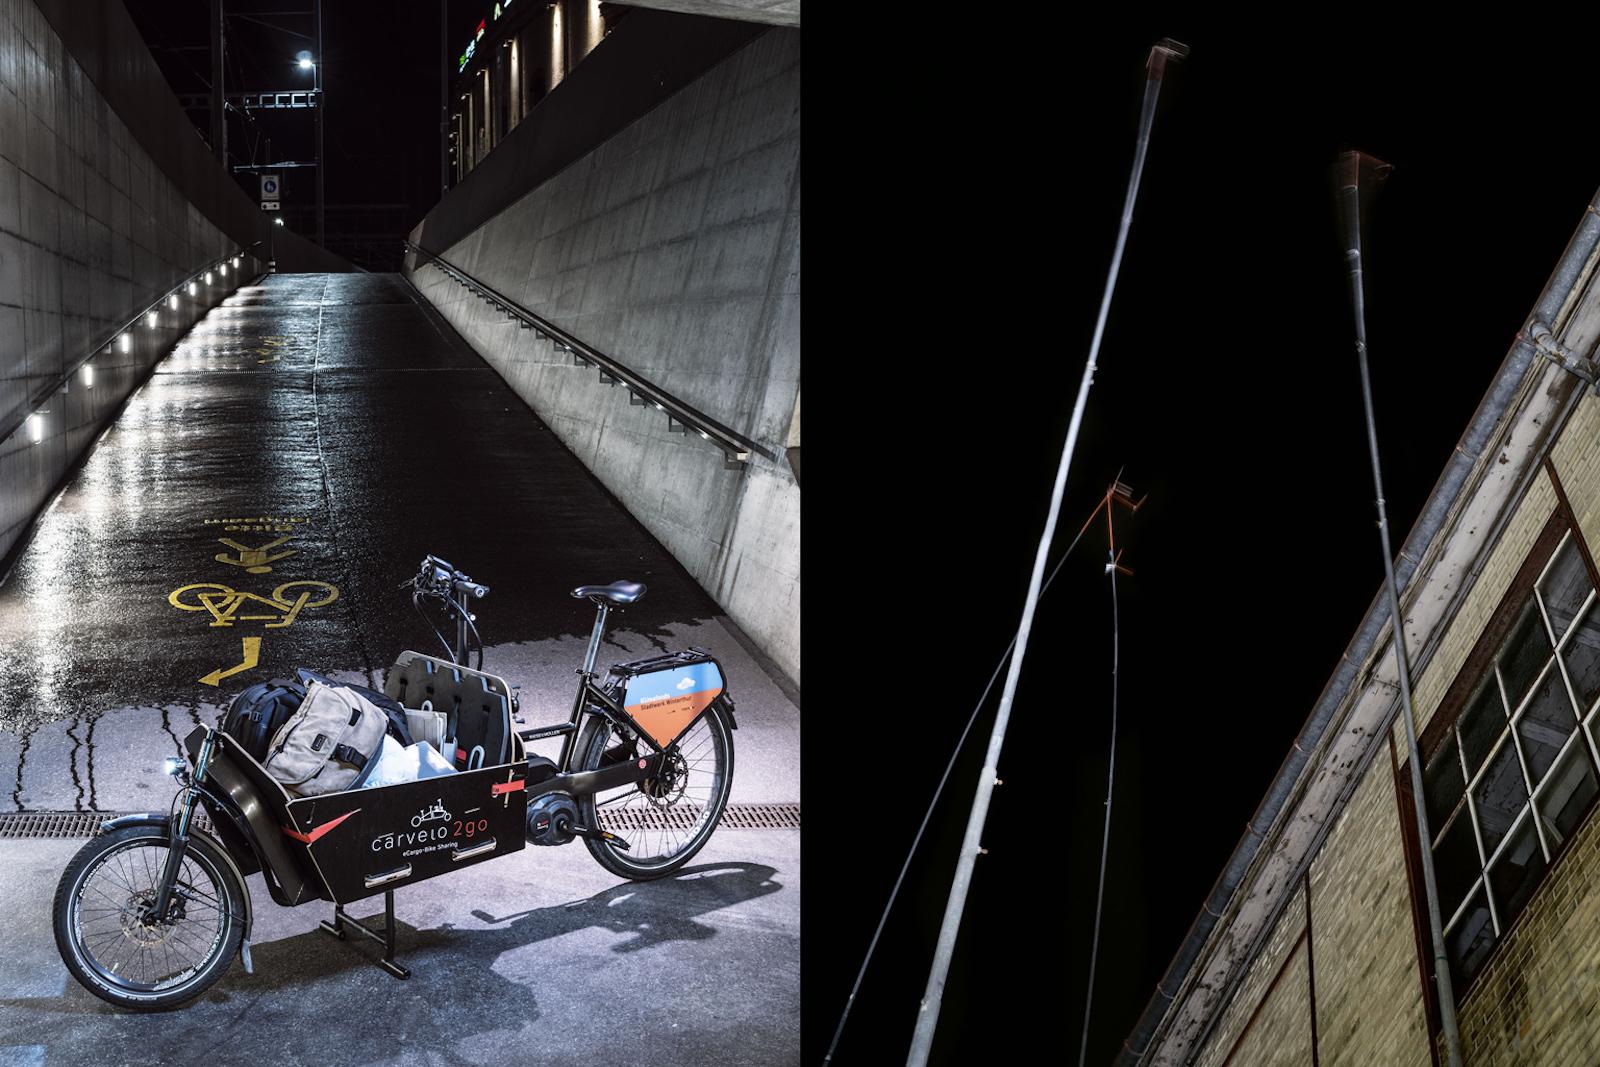 Carvelo2go est synonyme d'eCargo-Bike en libre partage à Winterthour mais aussi dans d'autres villes. L'offre est similaire à celle du prestataire automobile mobility: le vélo de transport, dit «Carvelo», se loue à l'heure (à gauche). D'anciens sites industriels sont réhabilités. Le siège de la Haute école de sciences appliquées ZHAW de Zurich, à Winterthour, se trouve par exemple partiellement sur un ancien terrain de Sulzer (à droite). (Robert Huber)